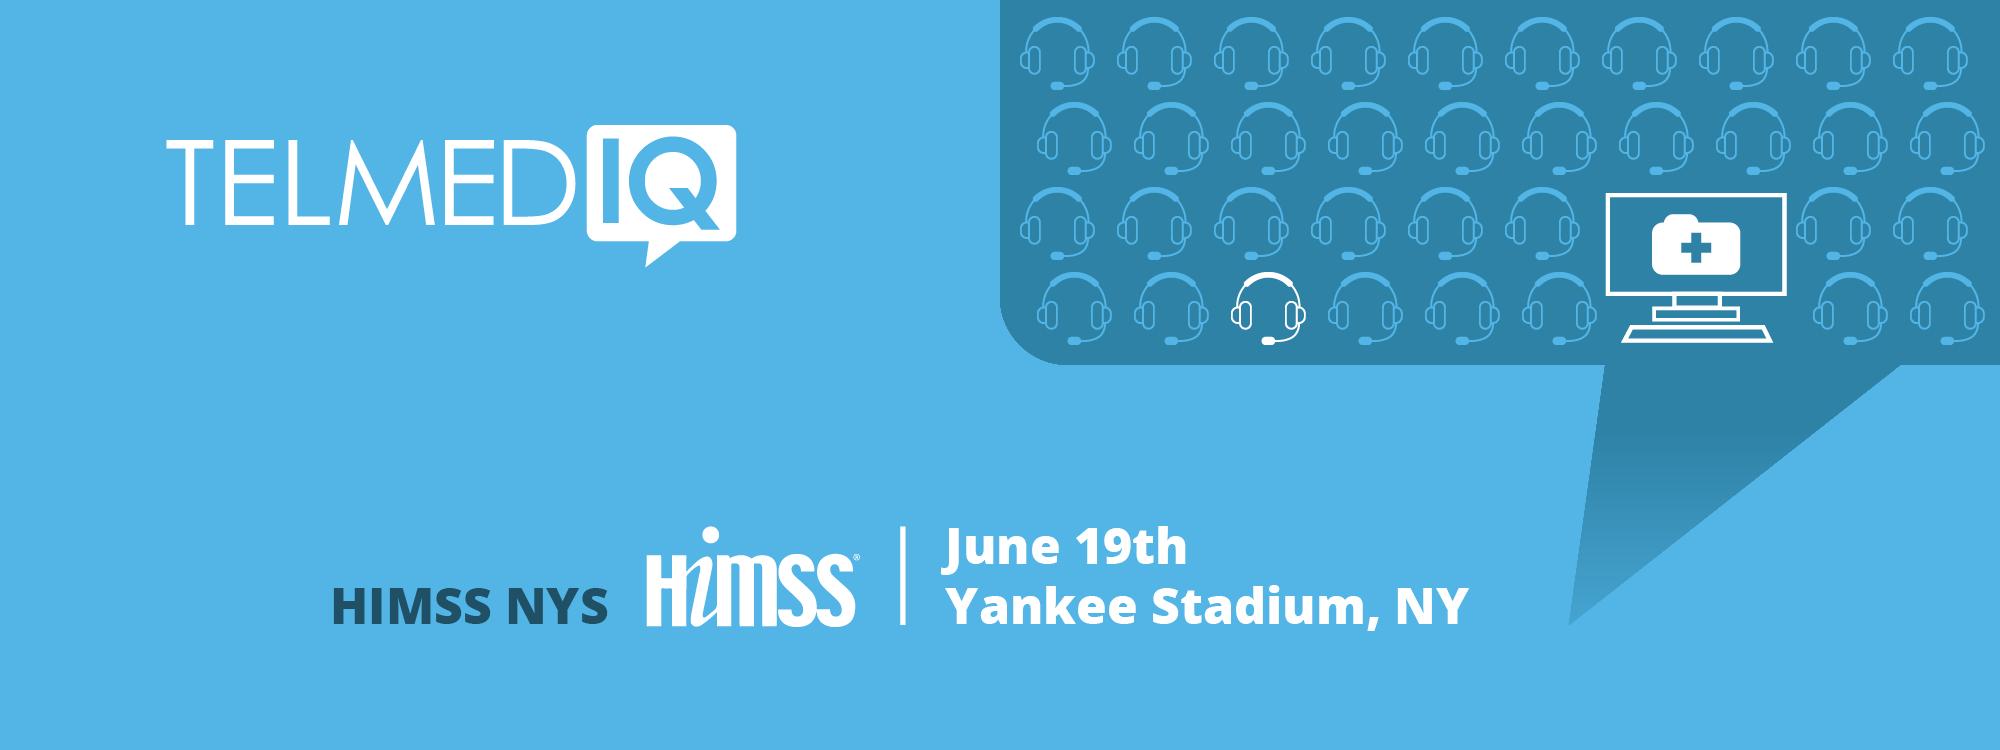 Event: Telmediq at Mini-HIMSS NYC